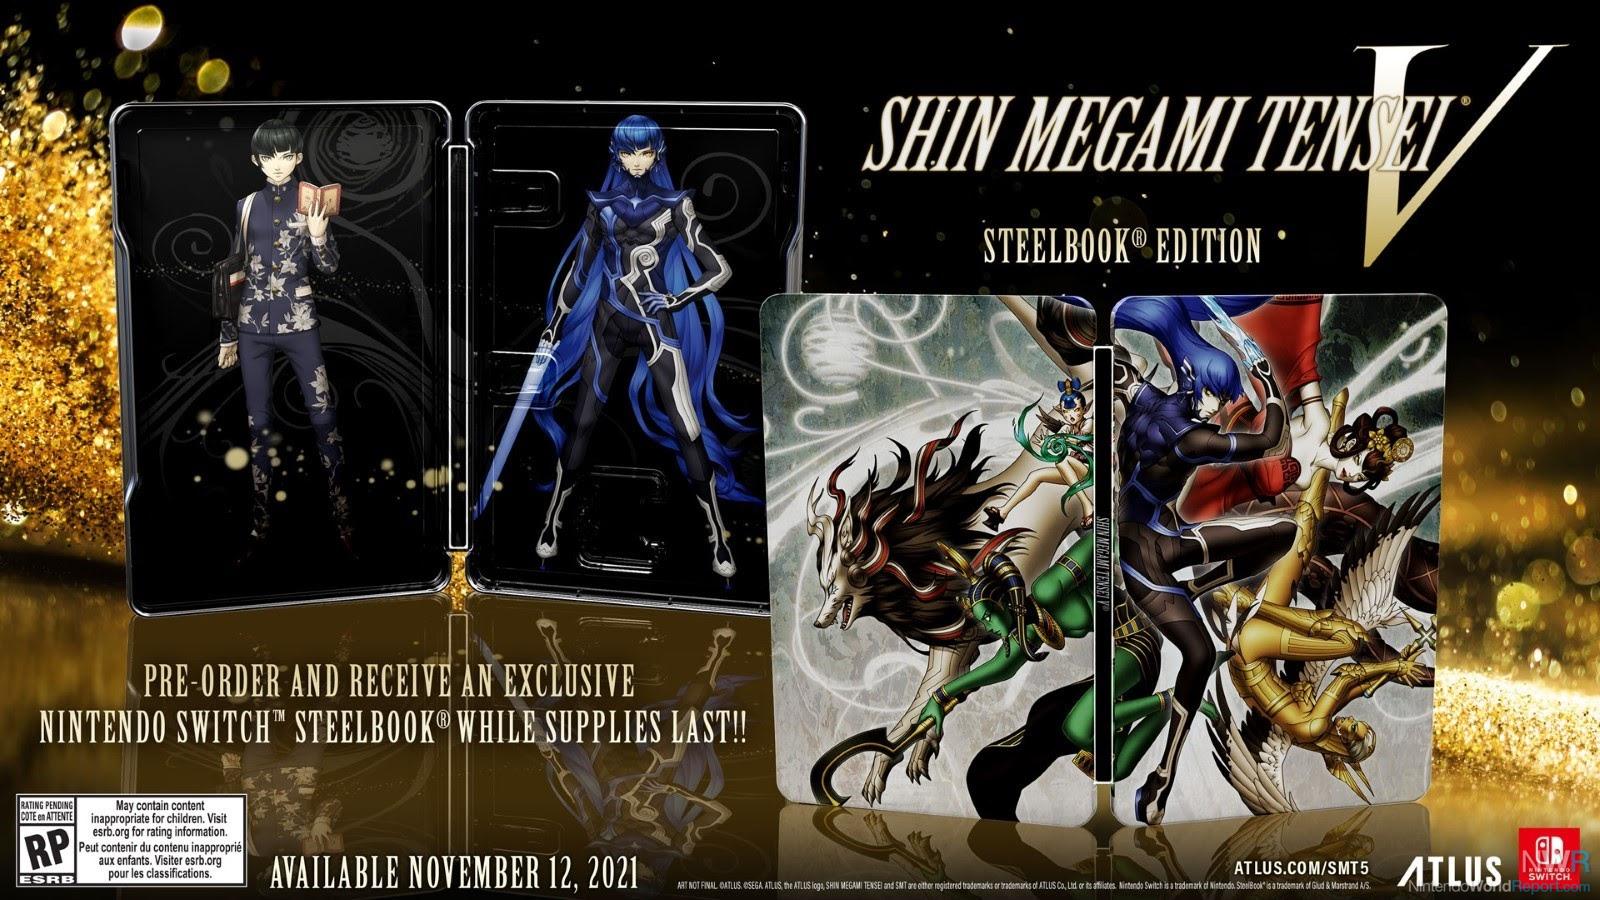 Neuer Shin Megami Tensei V Trailer und physische Vorbestellungen